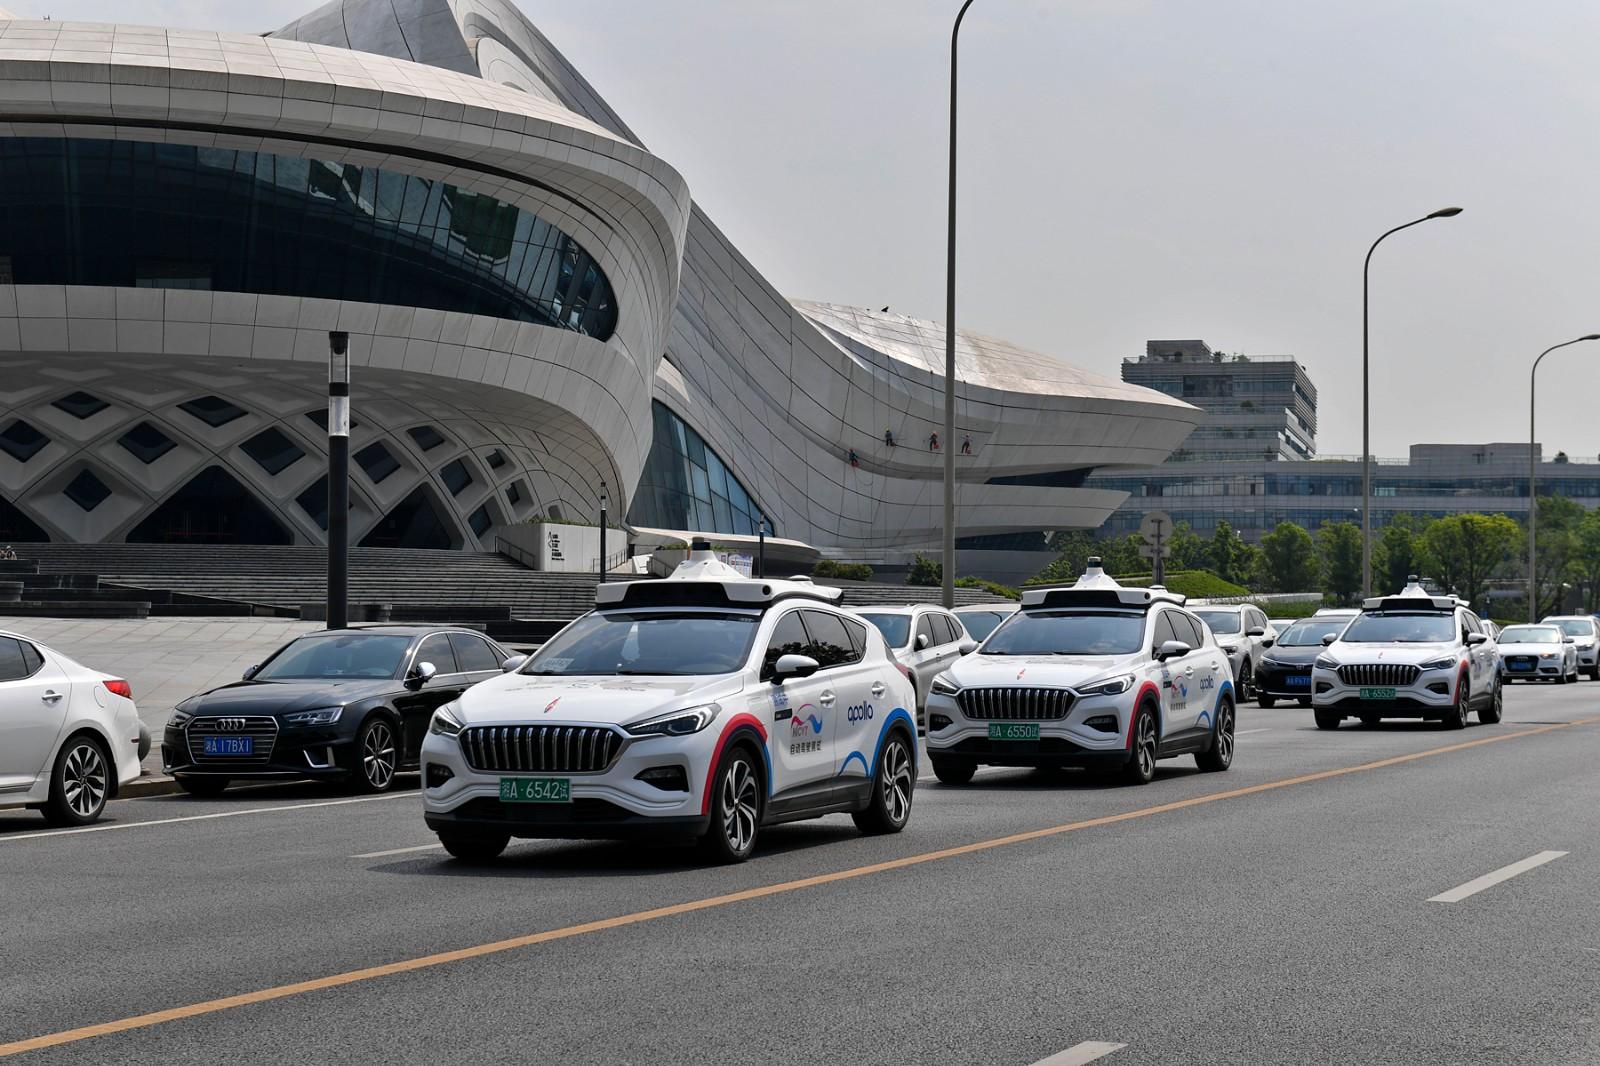 今年4月19日,百度在长沙全面开放Apollo Robotaxi自动驾驶出租车服务,市民只要点一点手机,一台自动驾驶的出租车就能载你抵达目的地。 长沙晚报全媒体记者 王志伟 摄